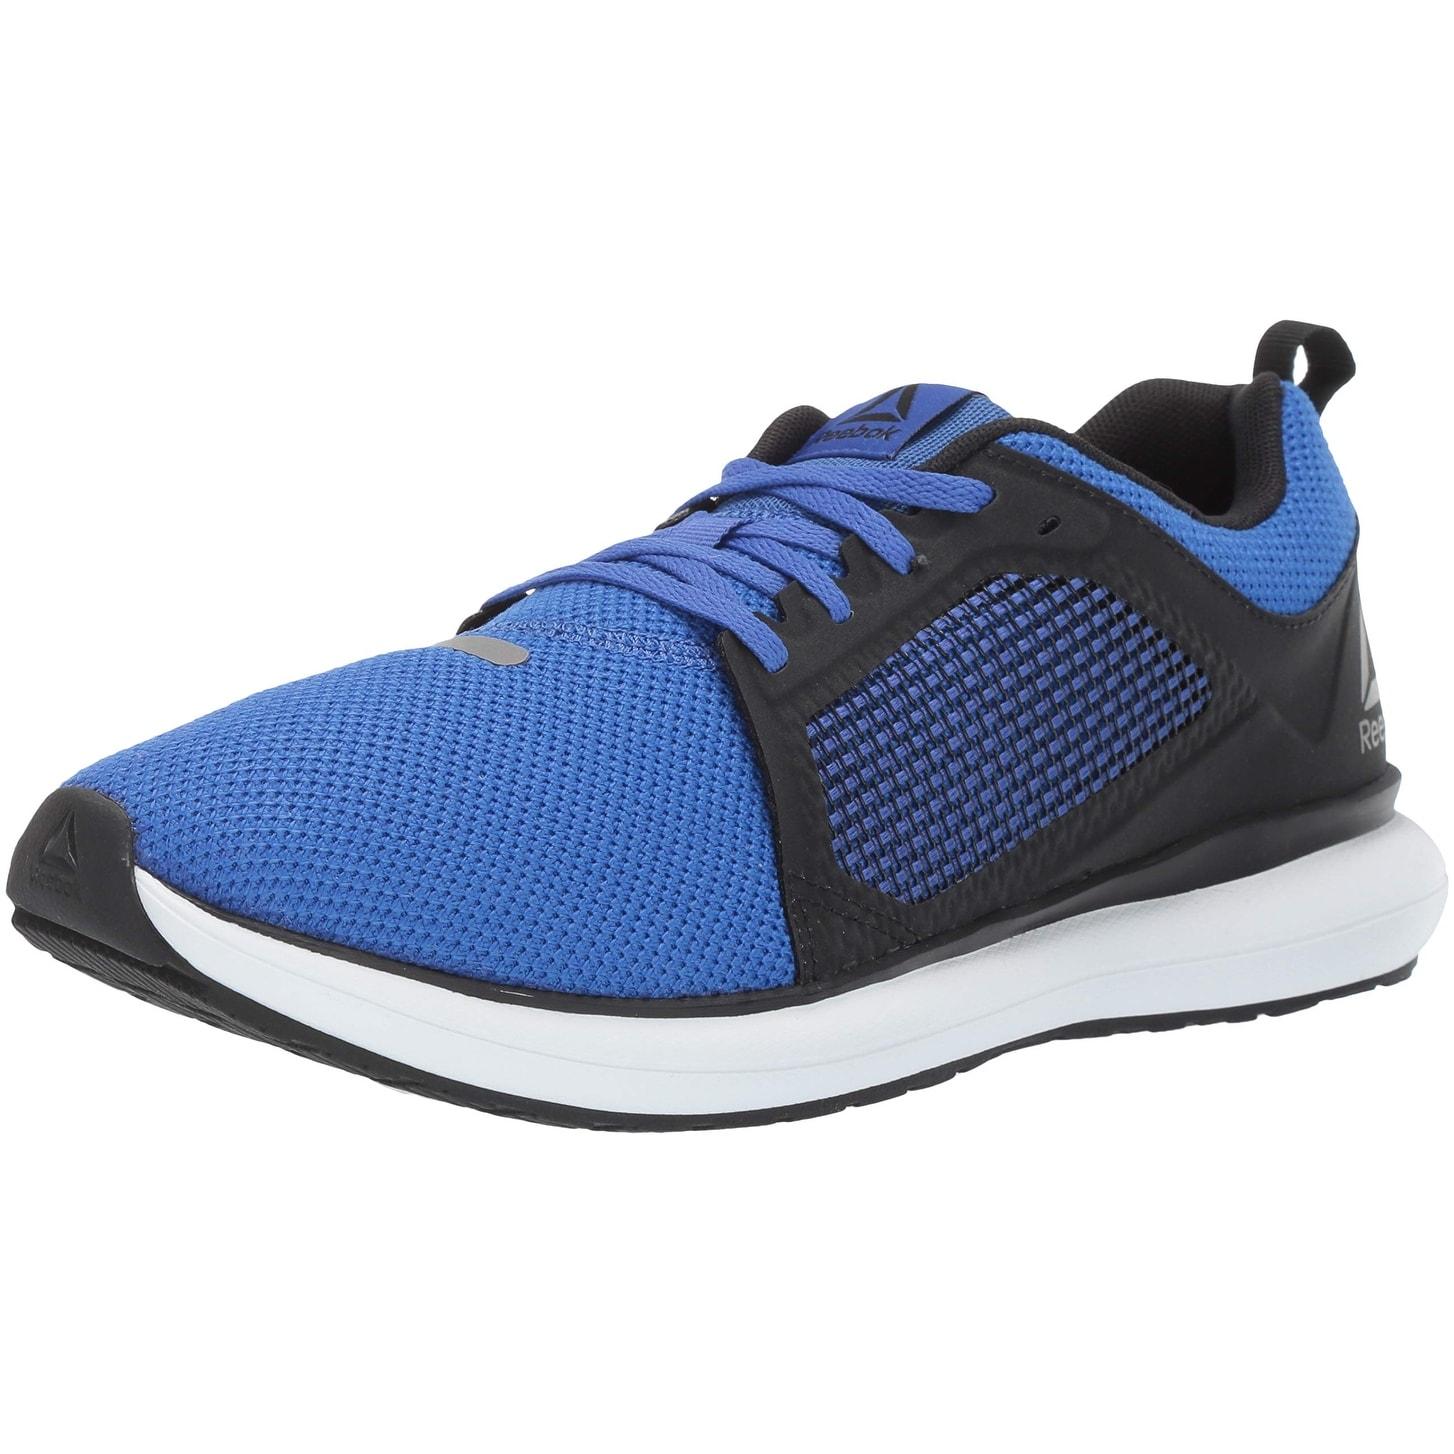 c025f818c Size 13 Reebok Men s Shoes